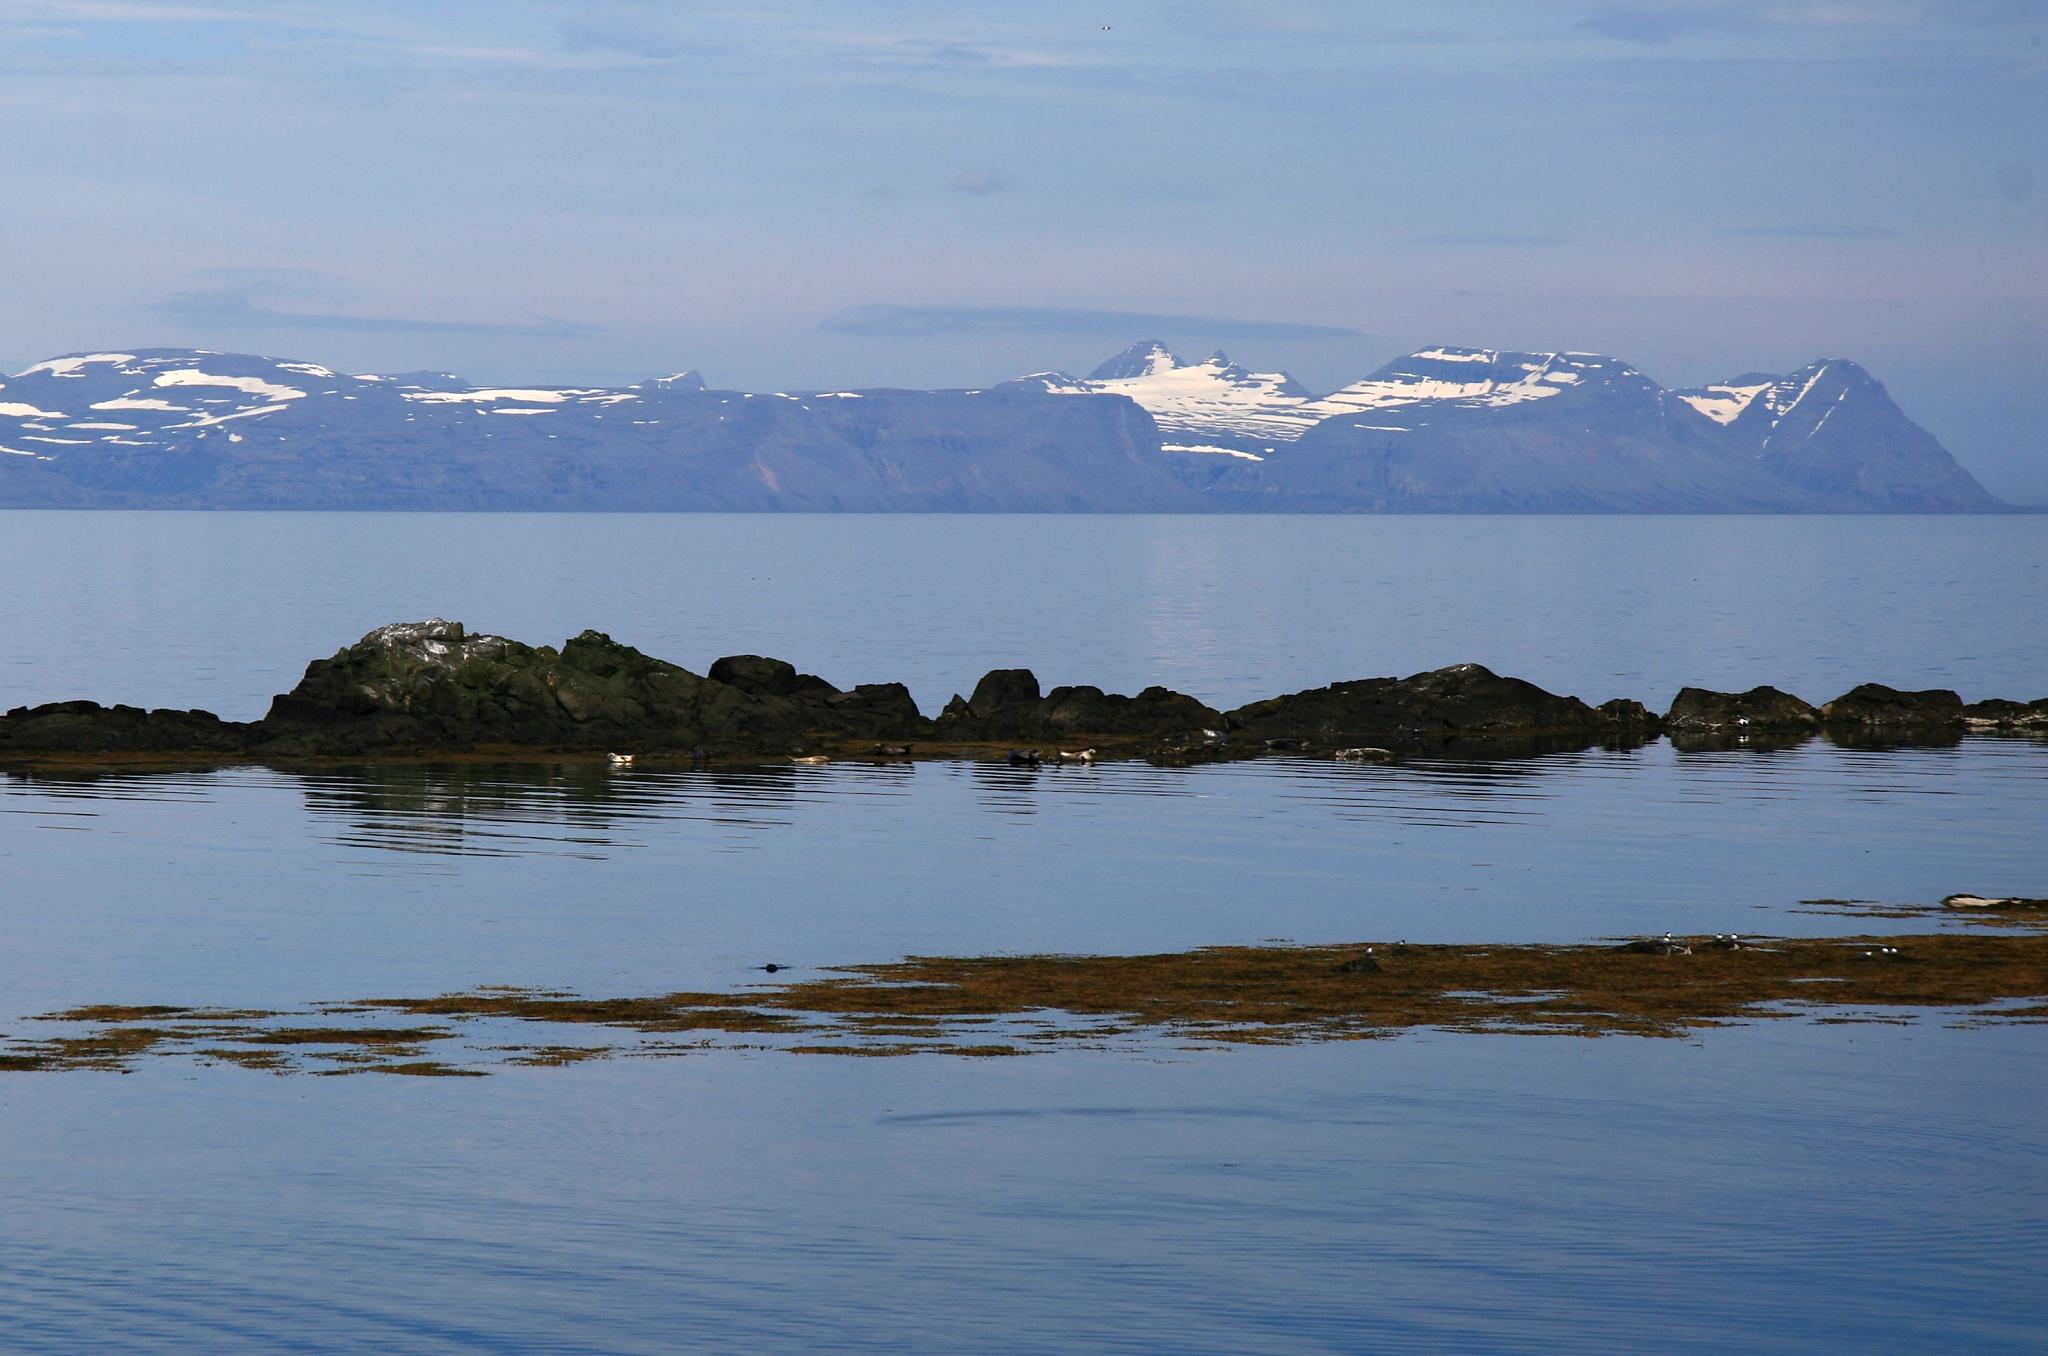 Skály, kde se vyhřívají tuleni